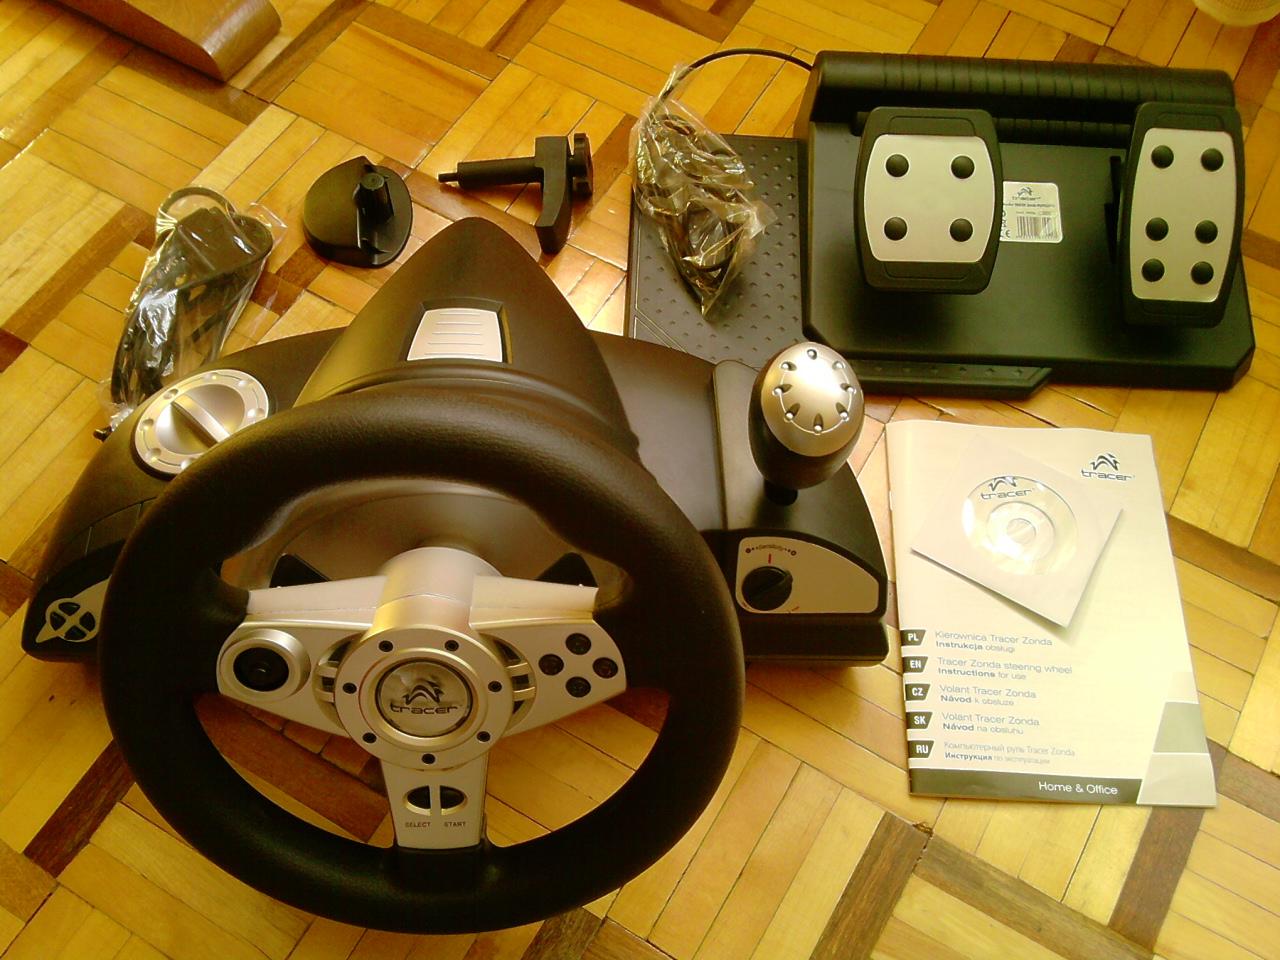 [Sprzedam] kierownice Tracer Zonda PS2,PS3, PC + peda�y